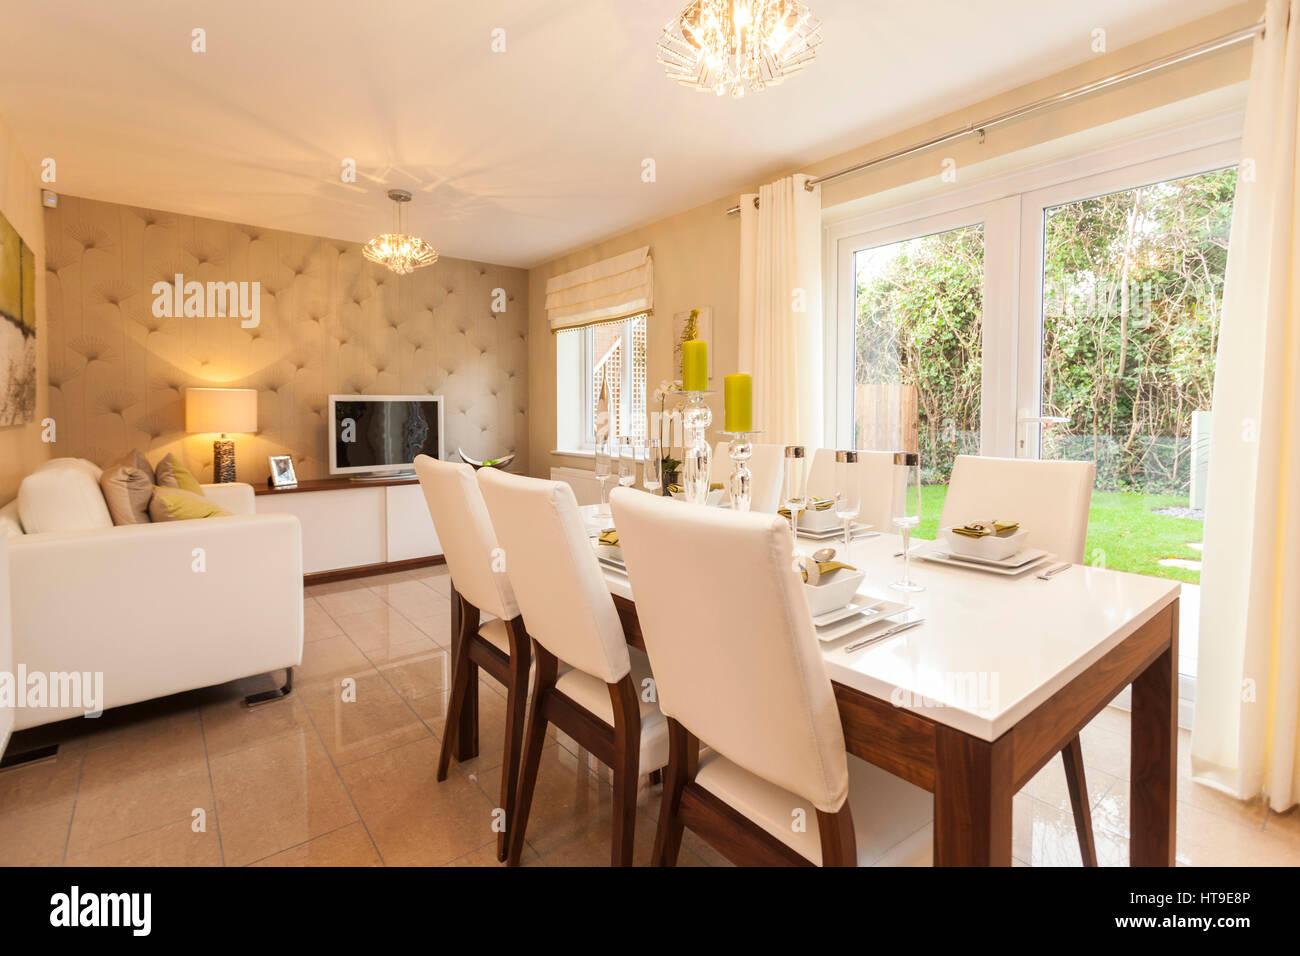 Home intérieur. Salle à manger, portes-fenêtres, portes coulissantes, couleurs neutres, crème, Photo Stock